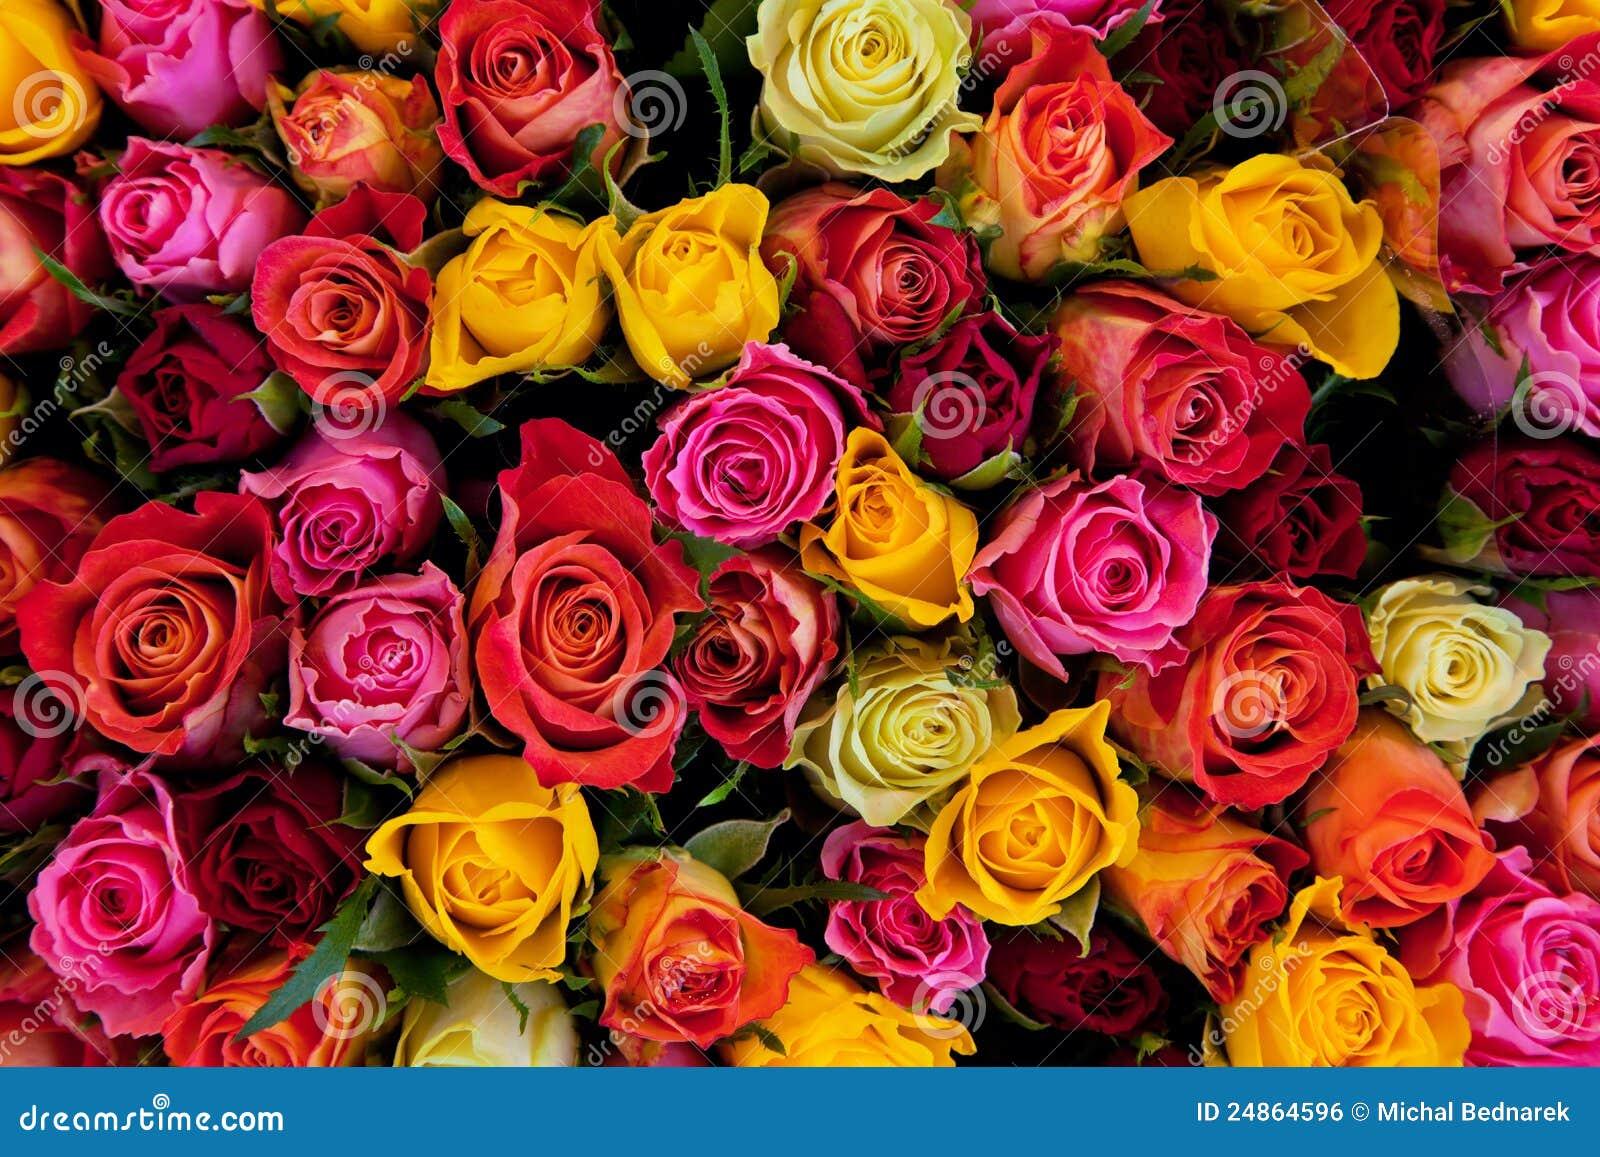 ζωηρόχρωμα τριαντάφυλλα ανασκόπησης